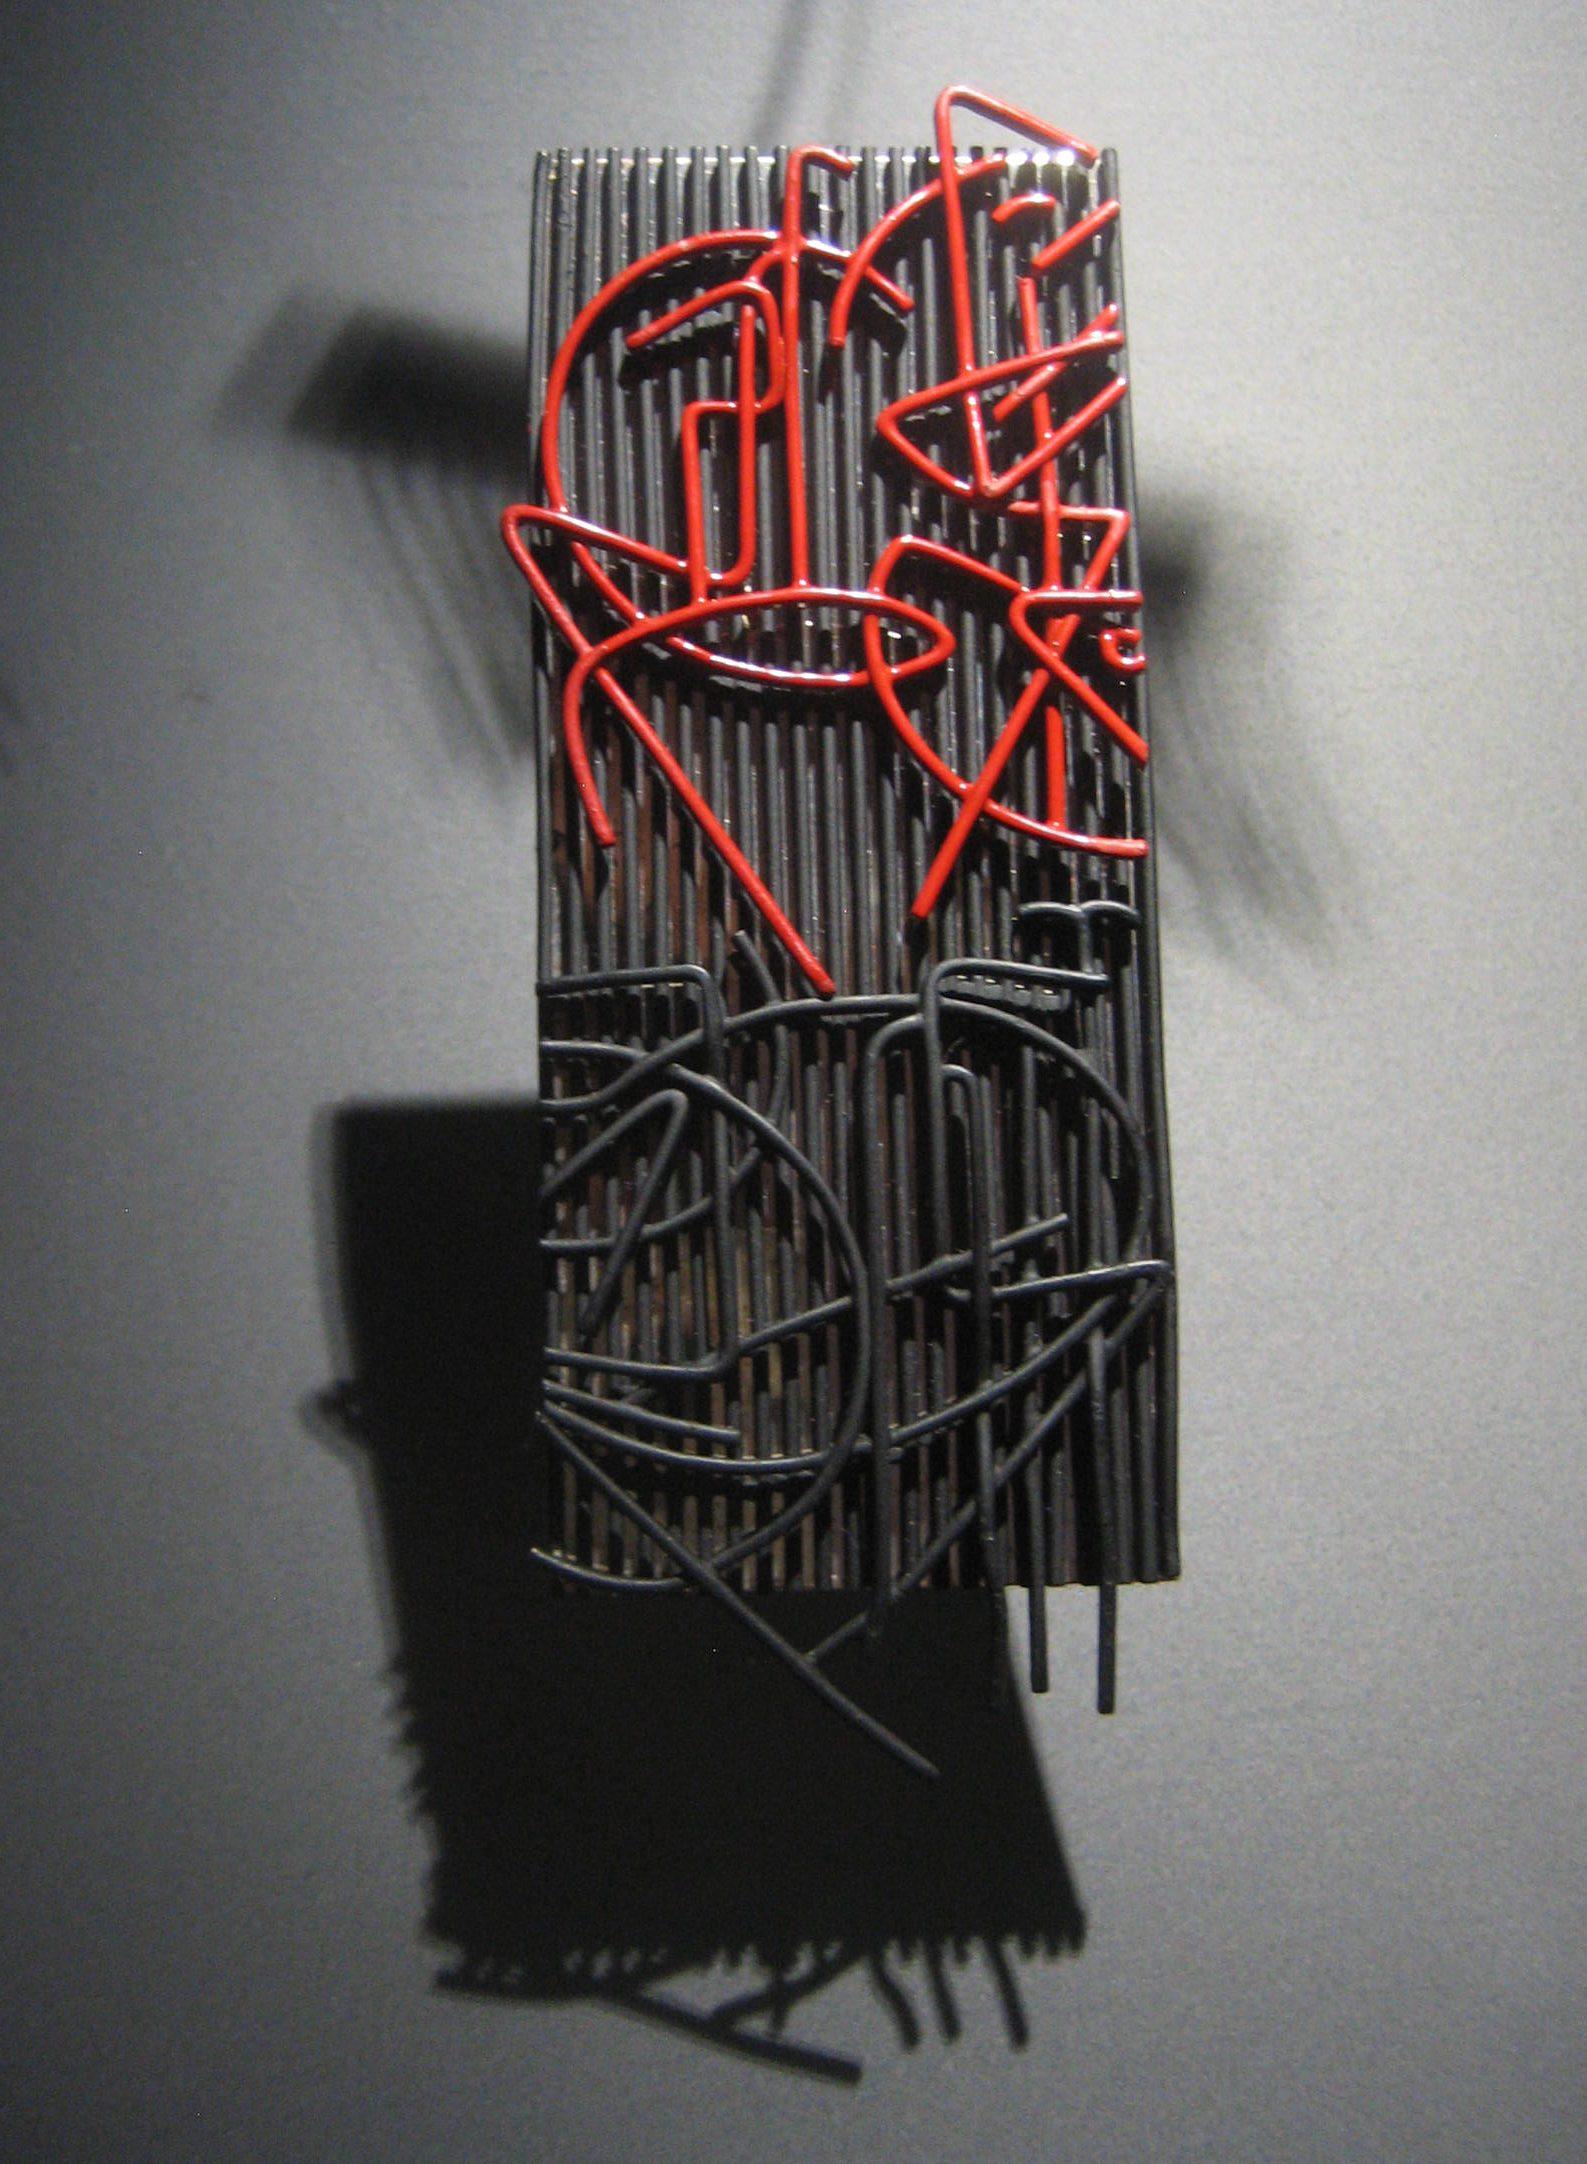 Jesús Rafael Soto, Baléares, hanger, 2004, 1/6. Collectie Diane Venet. Foto Esther Doornbusch, juni 2018©